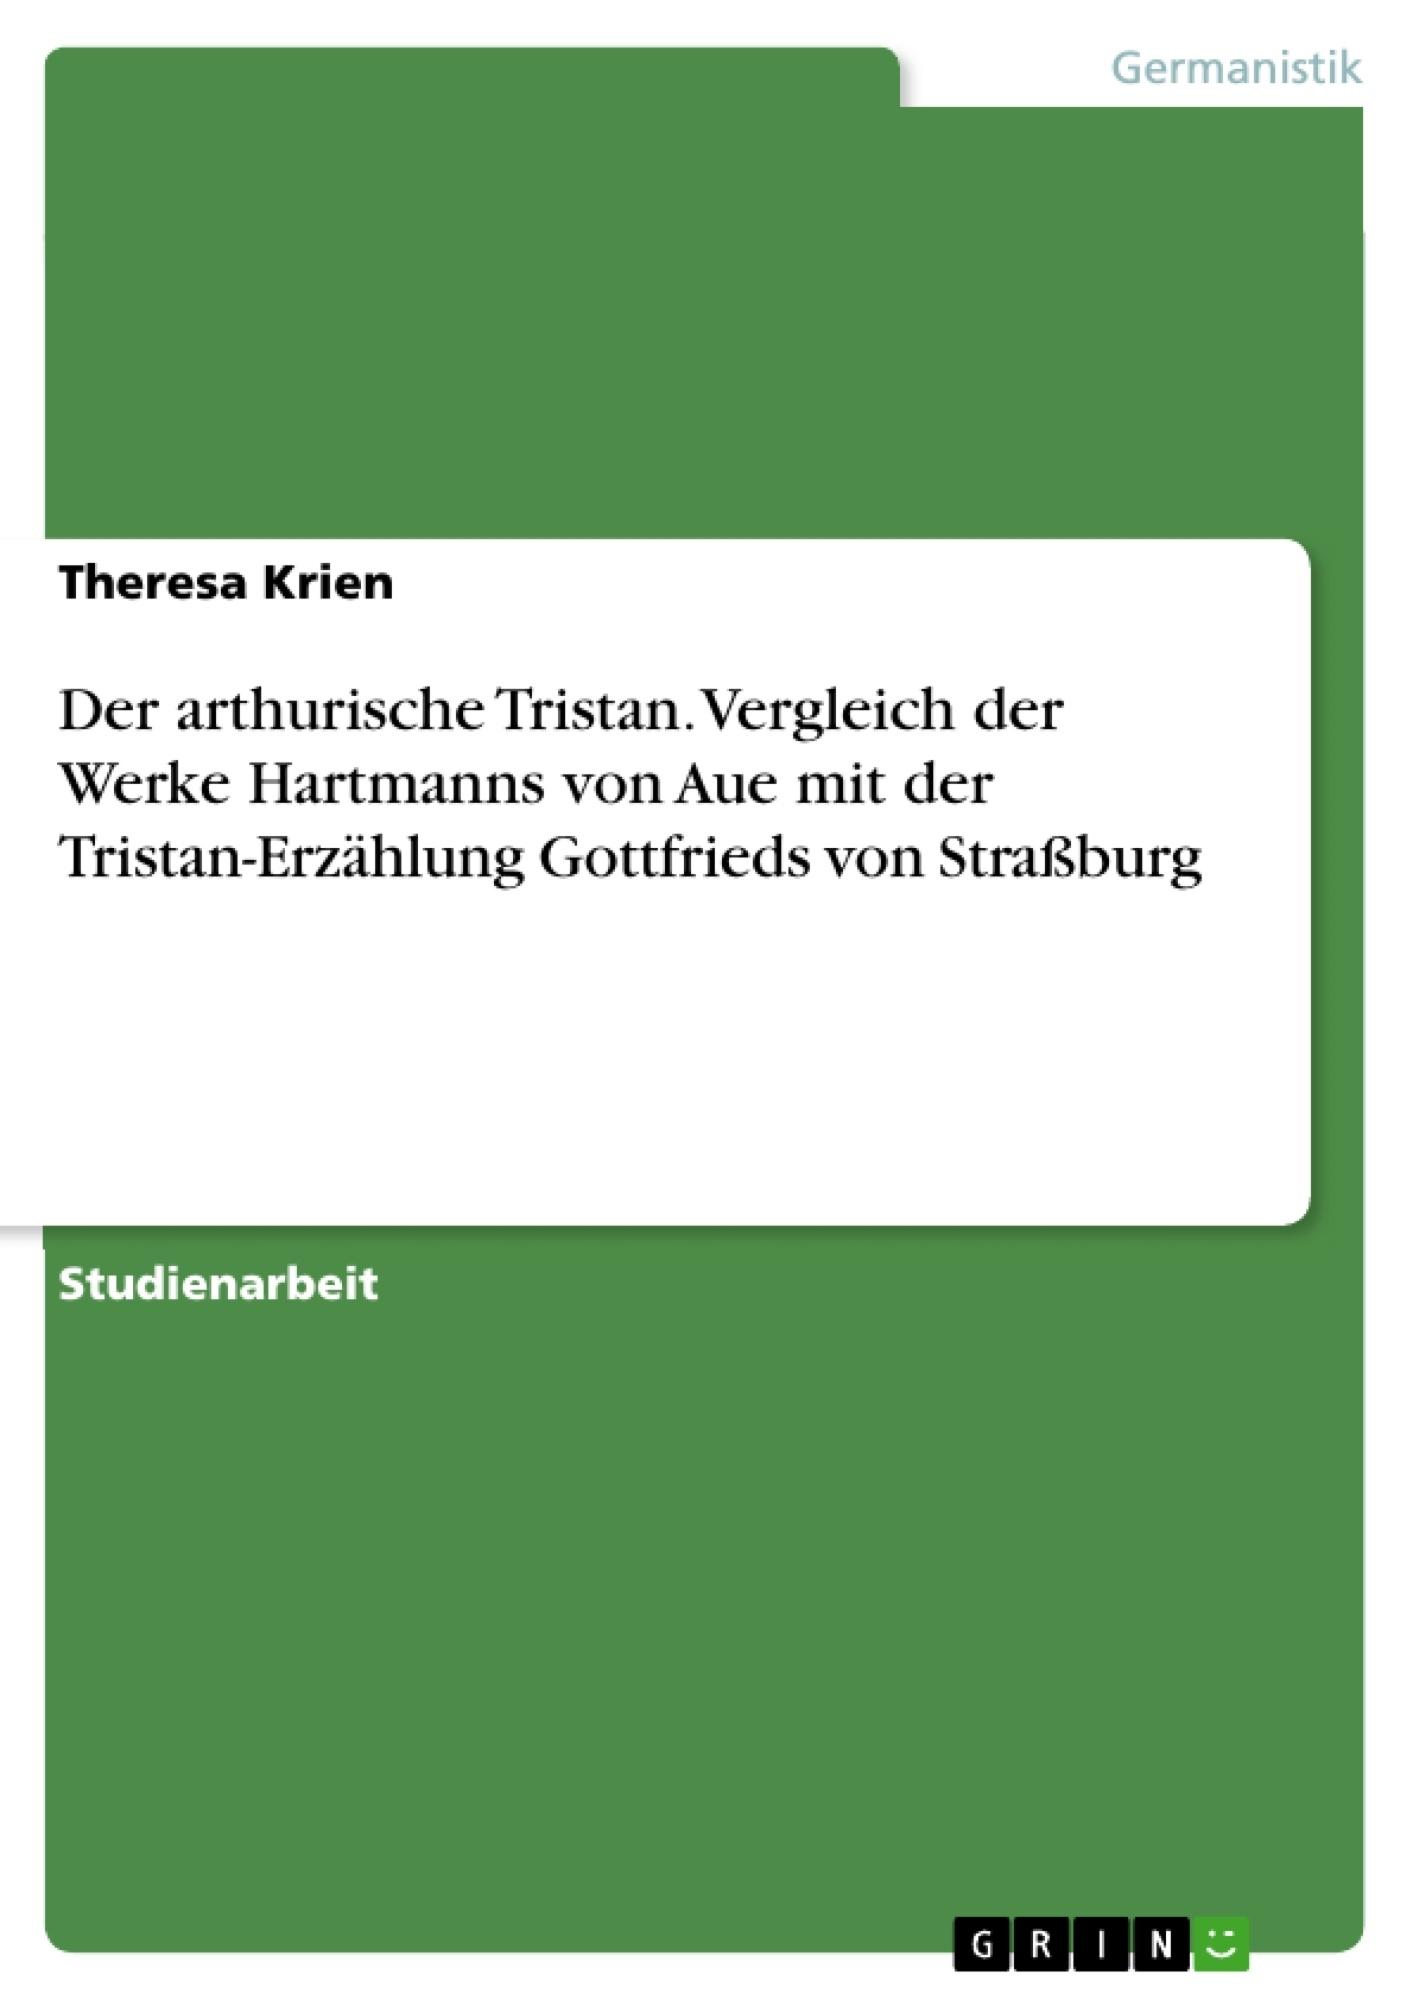 Titel: Der arthurische Tristan. Vergleich der Werke Hartmanns von Aue mit der Tristan-Erzählung Gottfrieds von Straßburg